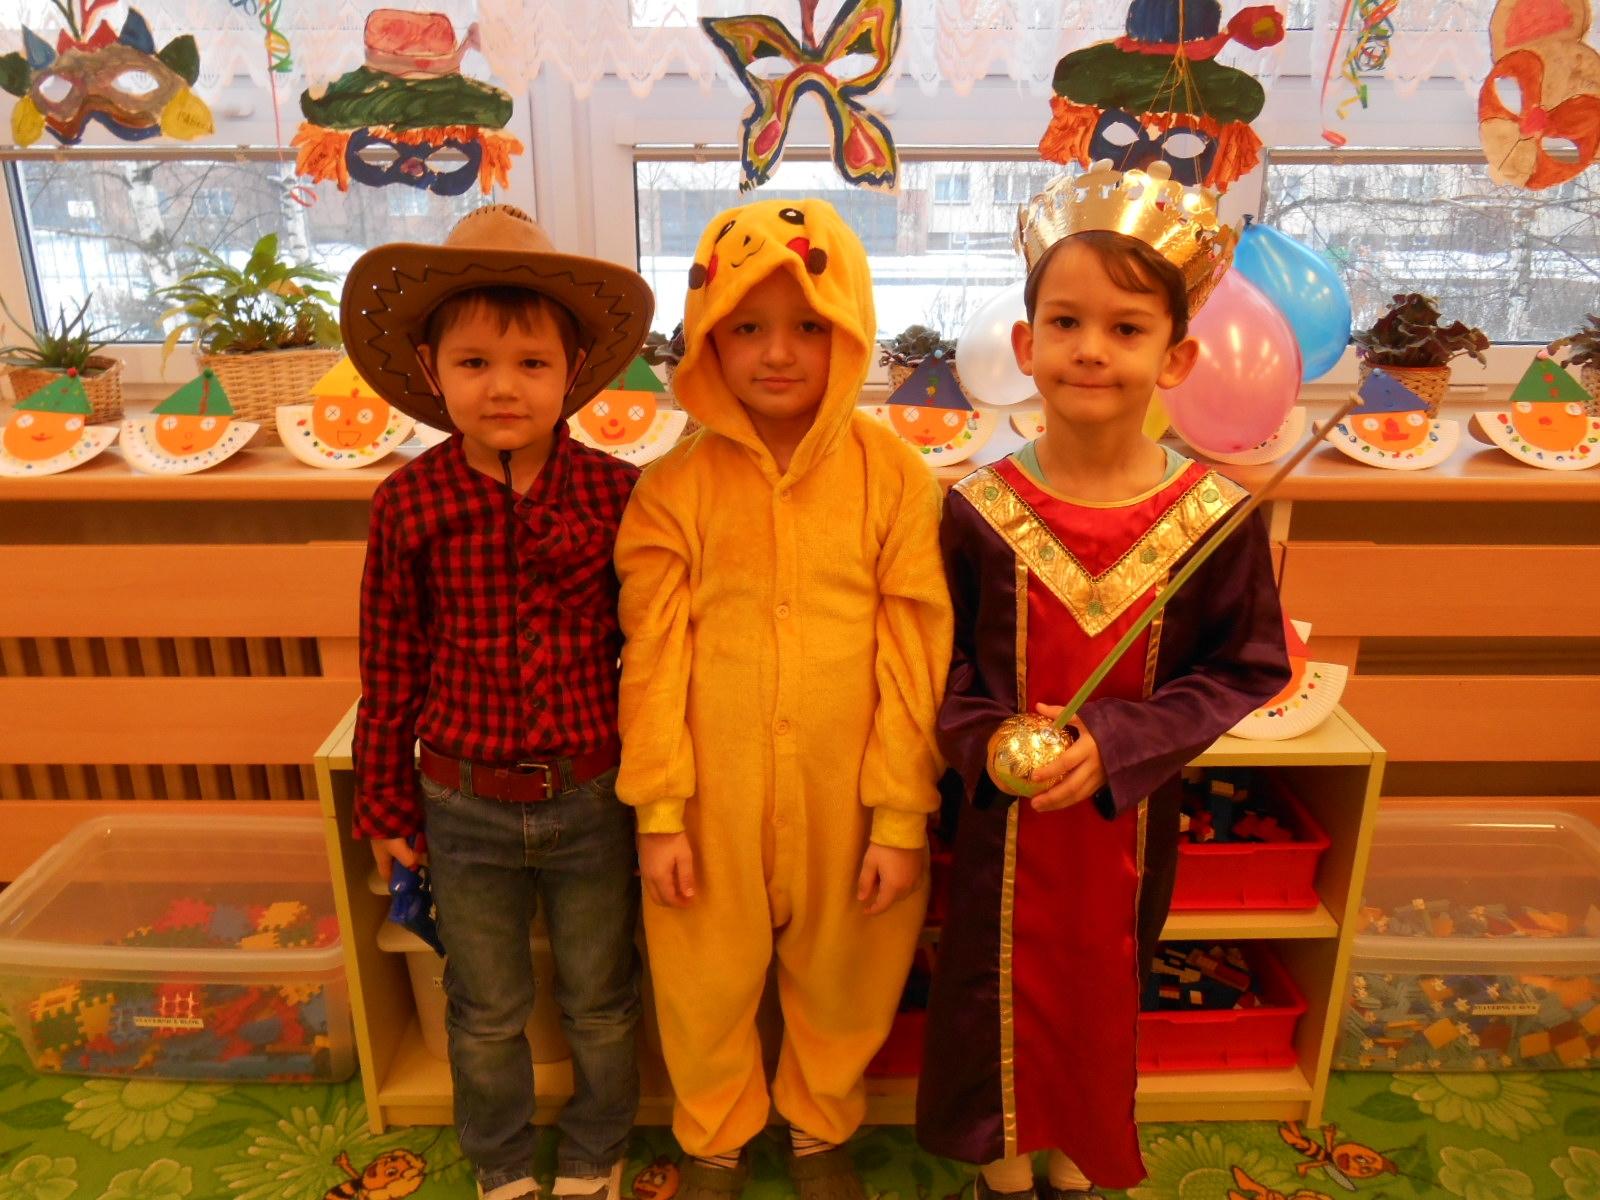 trojice v kostýmech